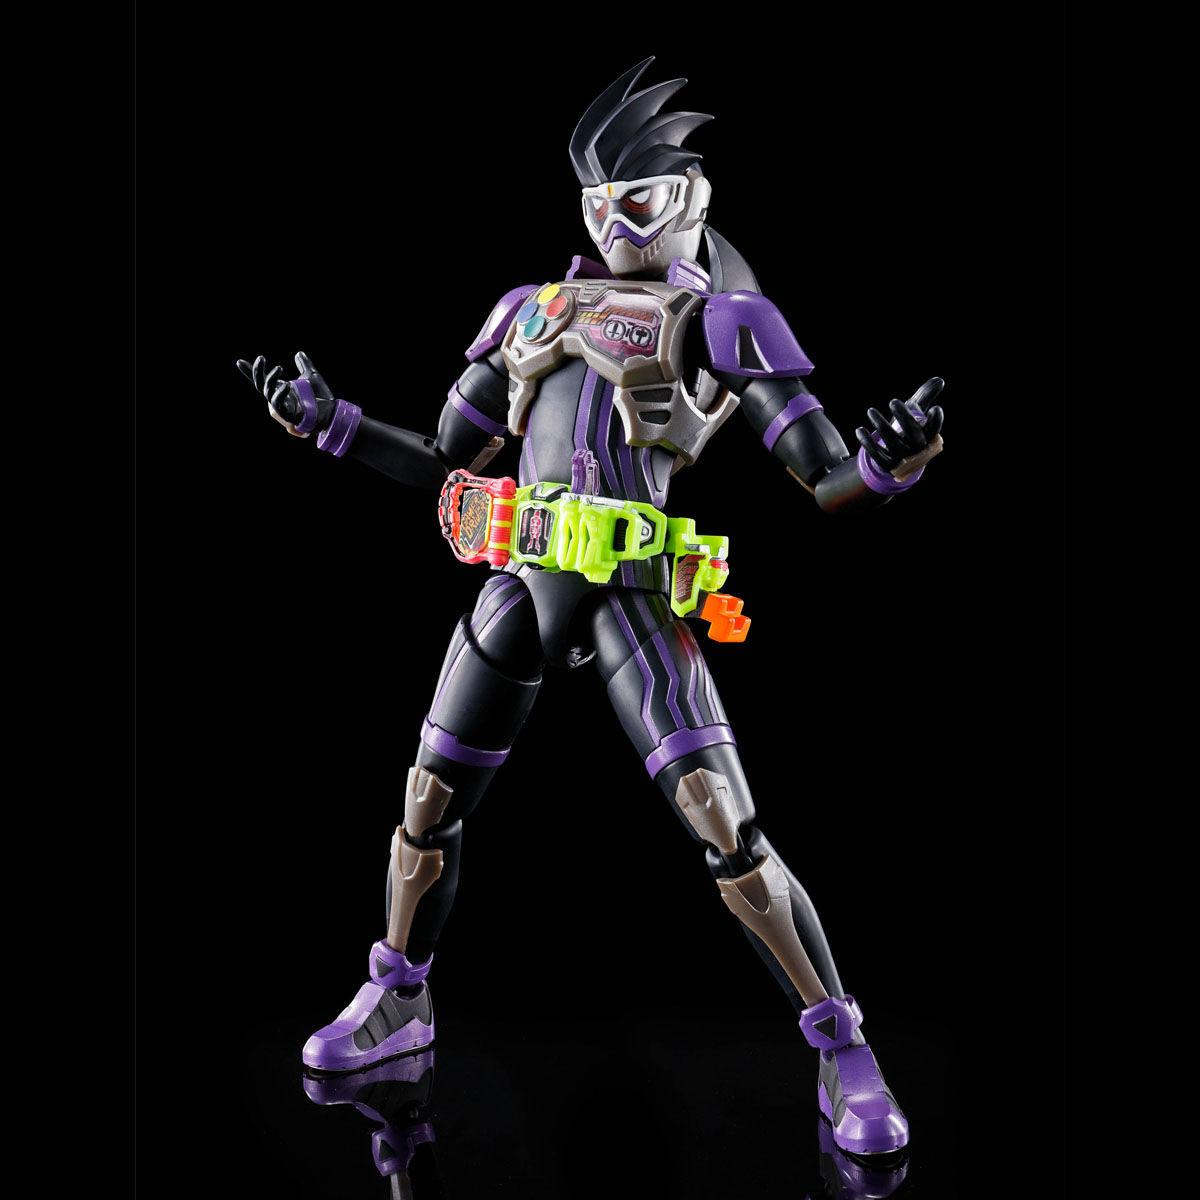 【限定販売】Figure-rise Standard『仮面ライダーゲンム アクションゲーマー レベル2』プラモデル-007